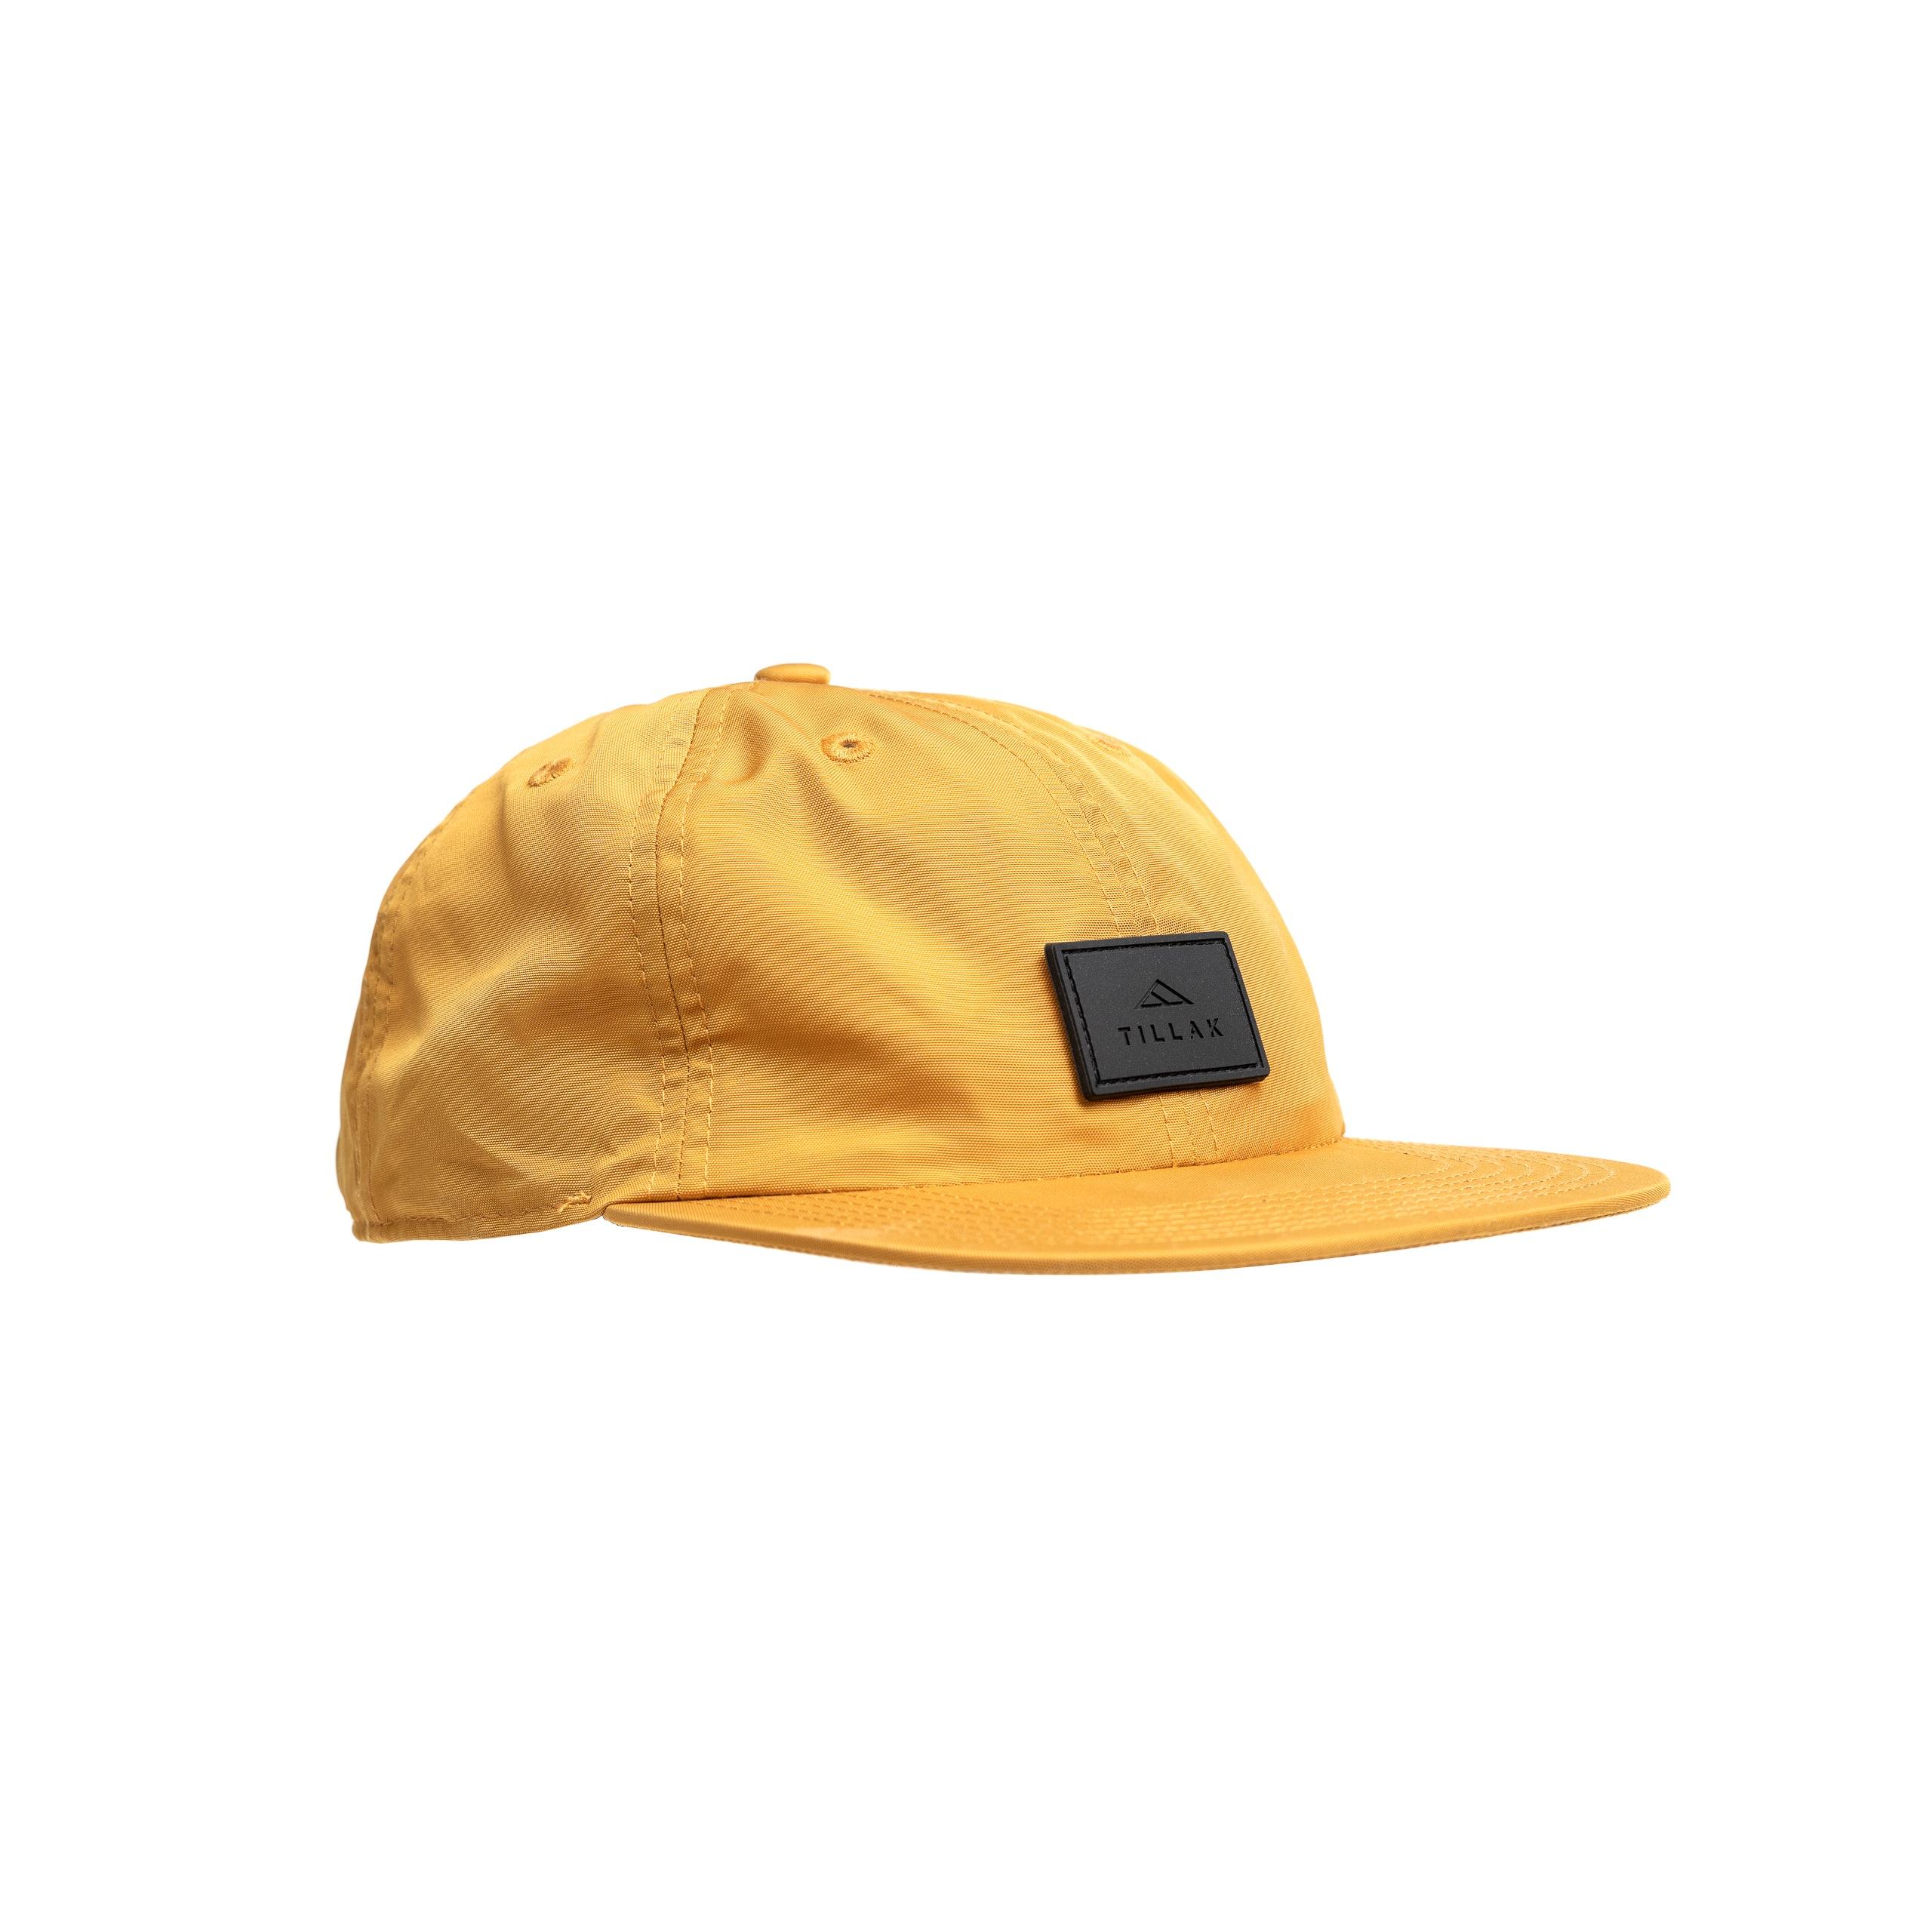 Tillak Coho Six Panel Hat